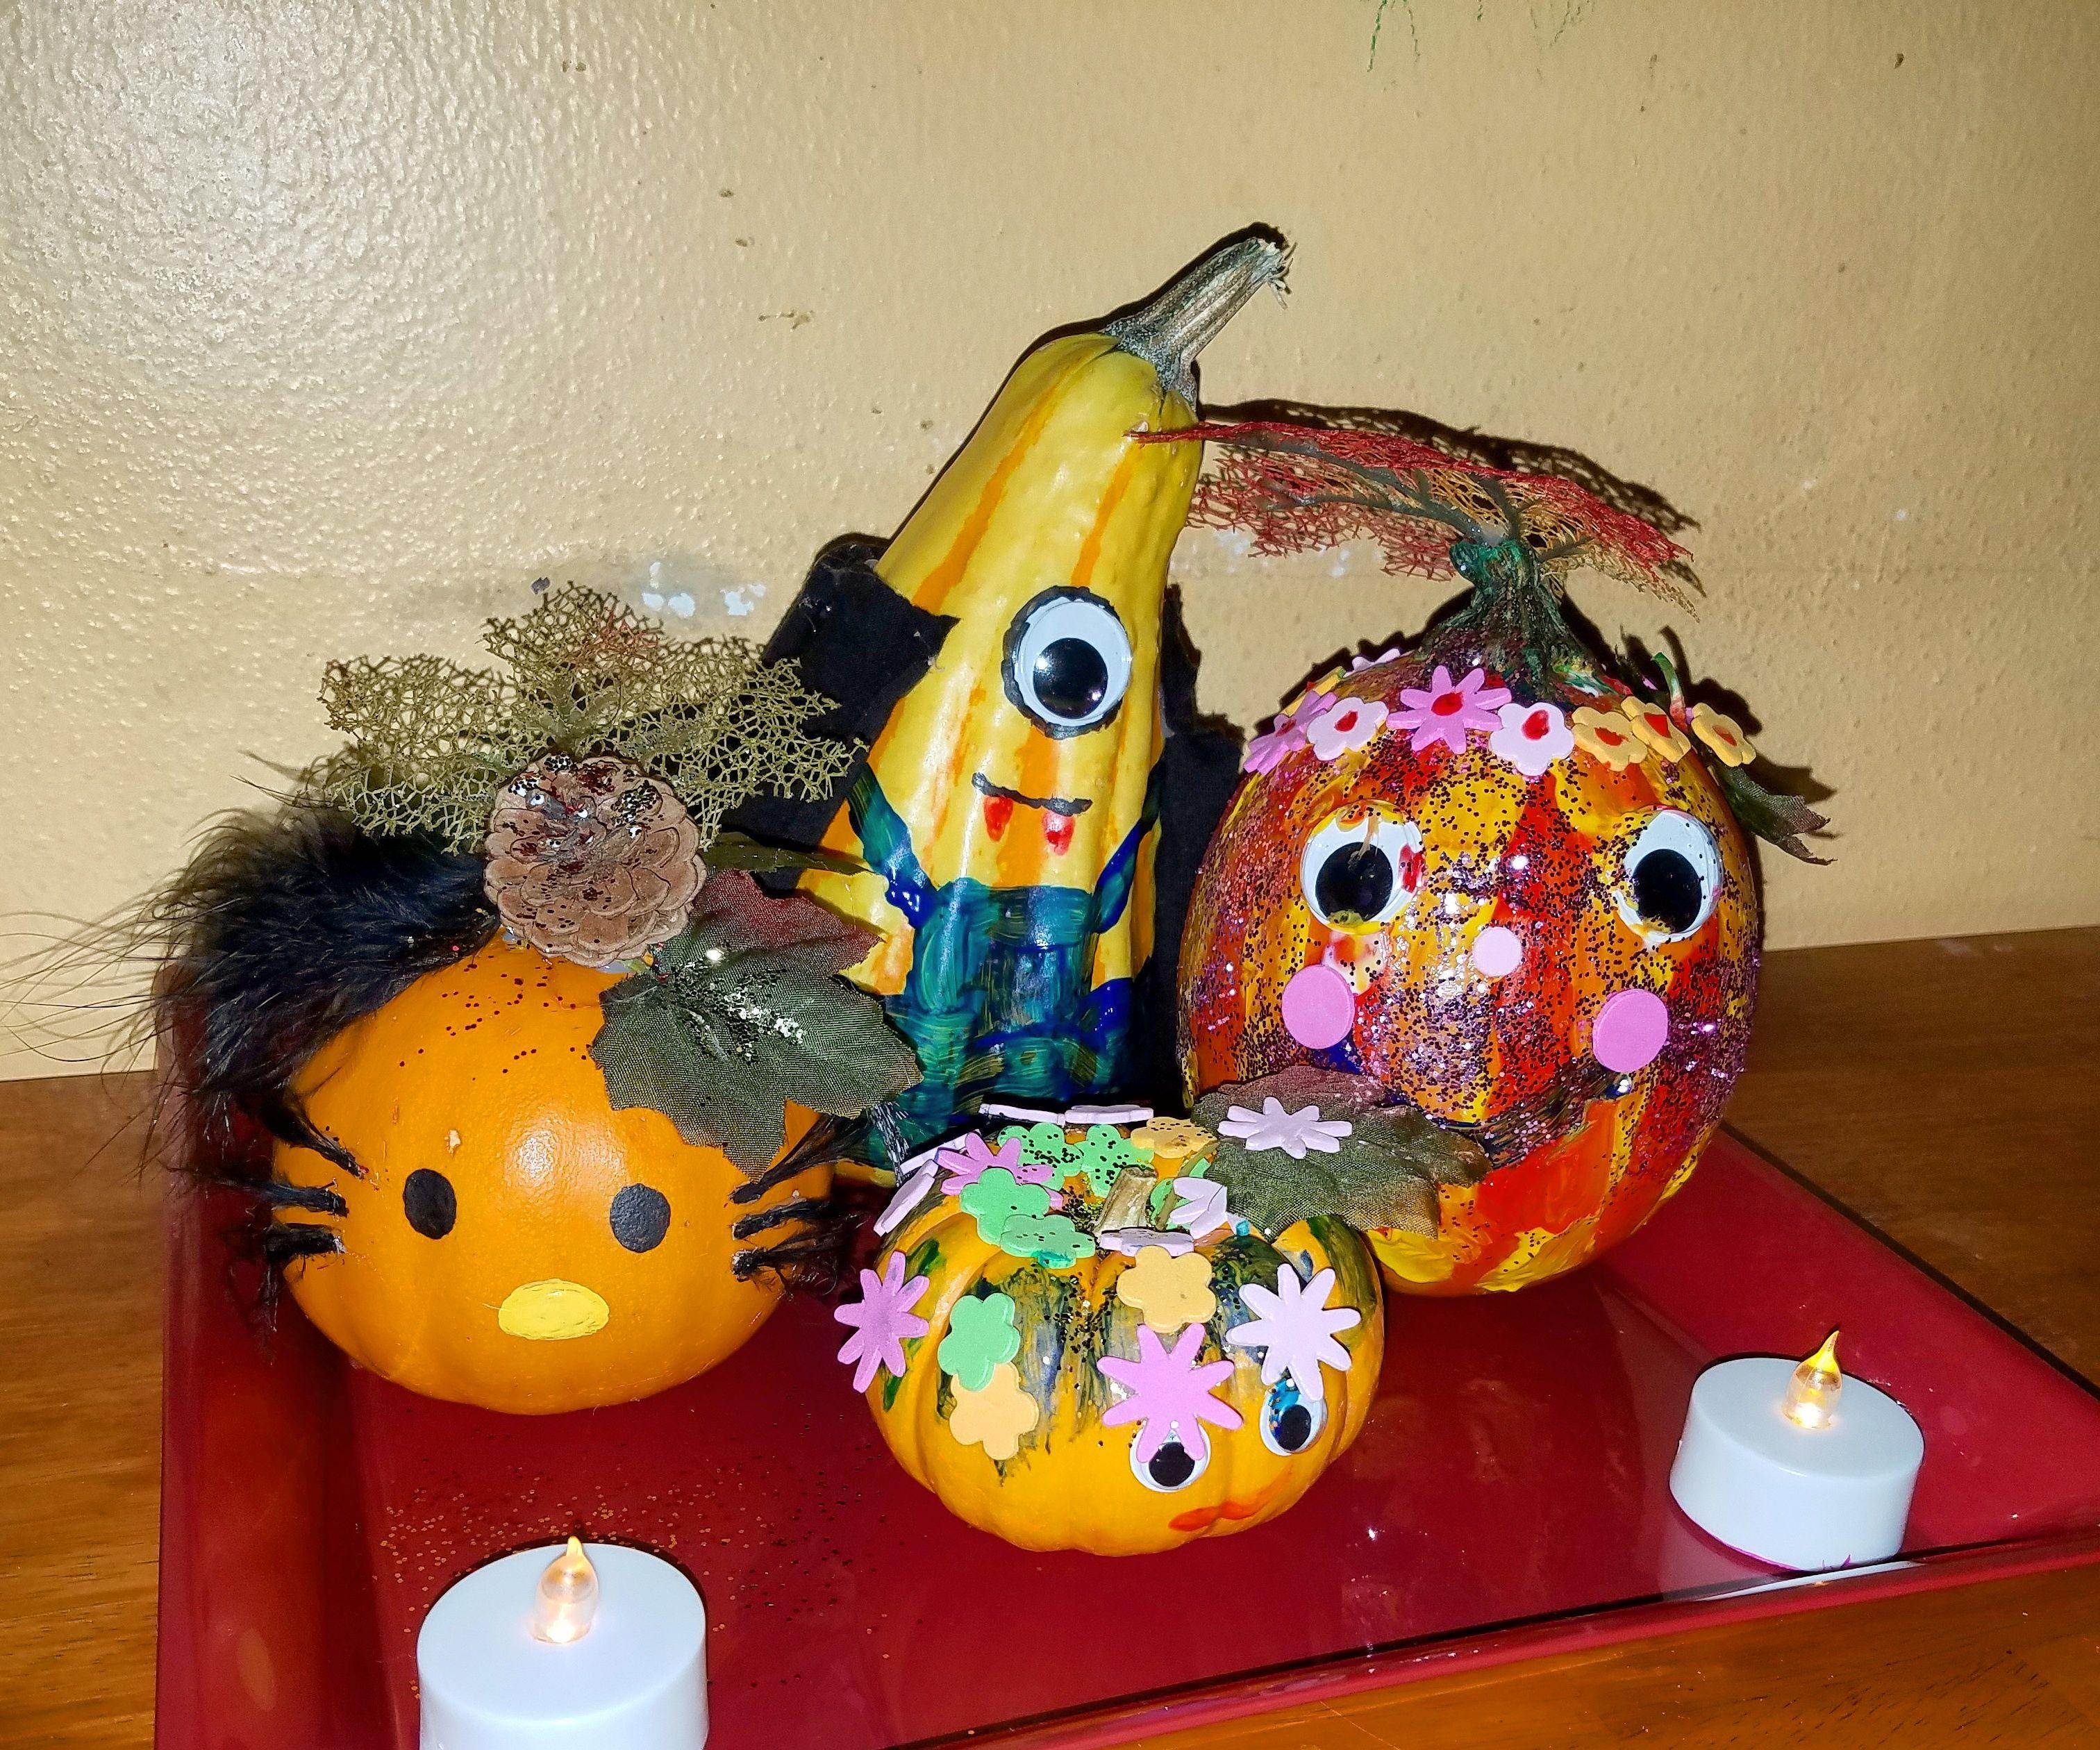 Pumpkin Decorating W/ Kids